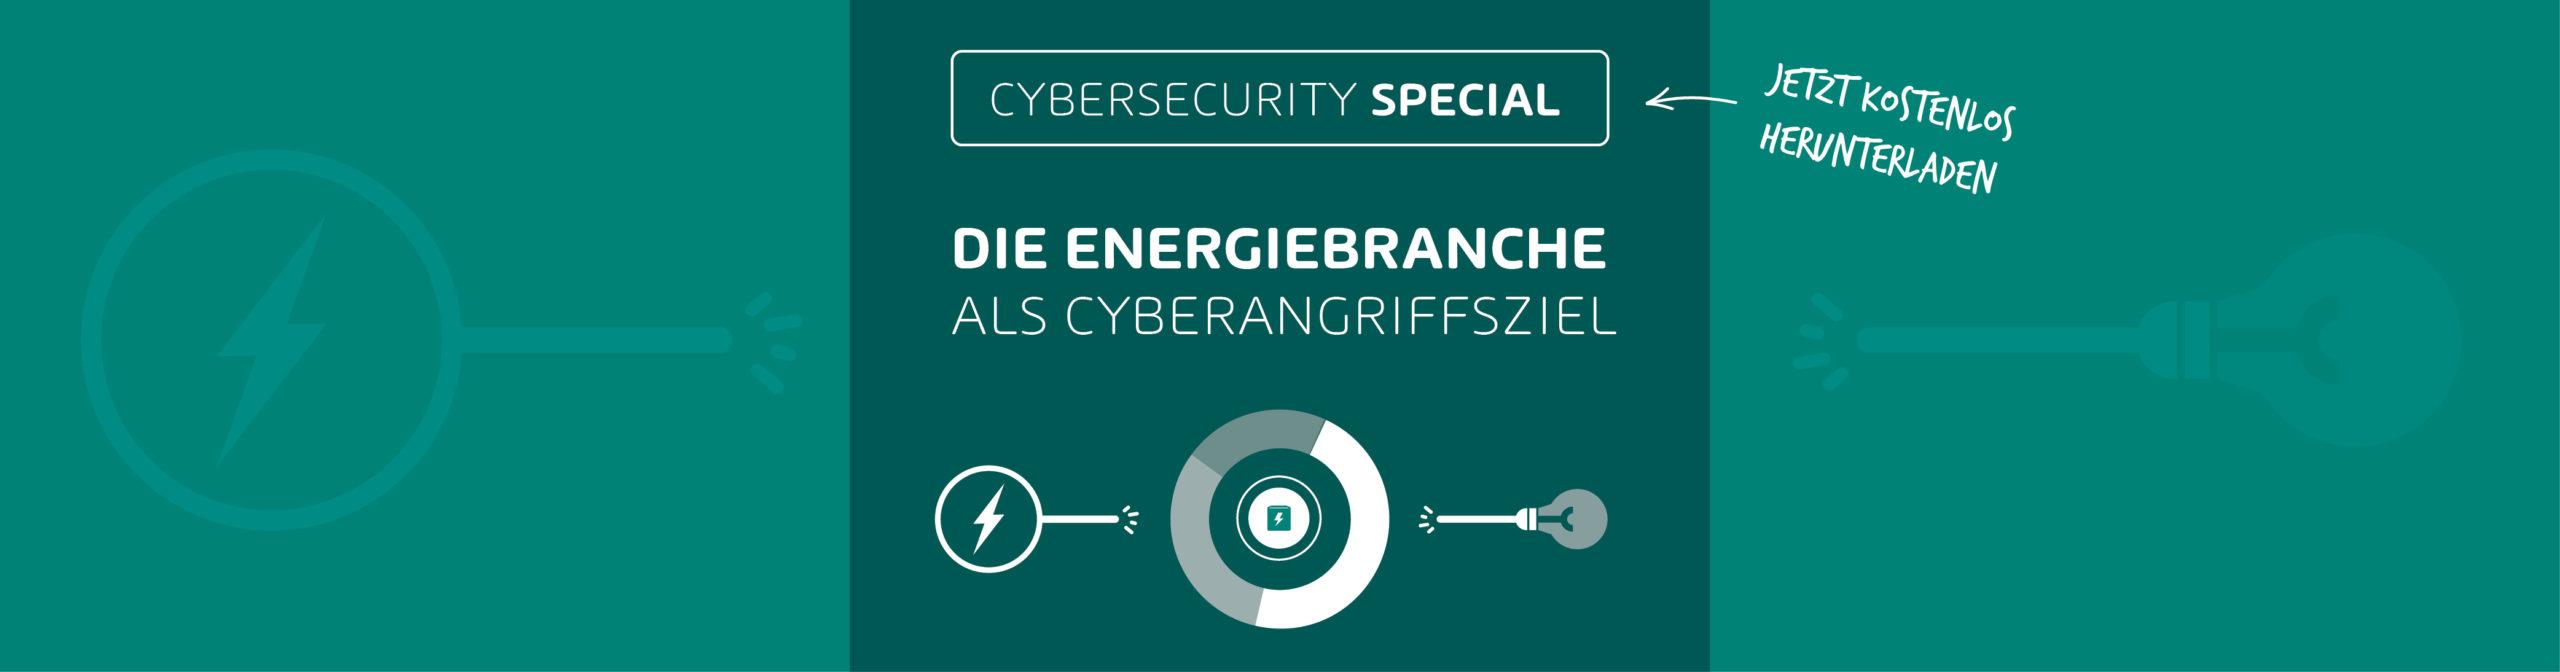 Energiebranche als Cyberangriffsziel